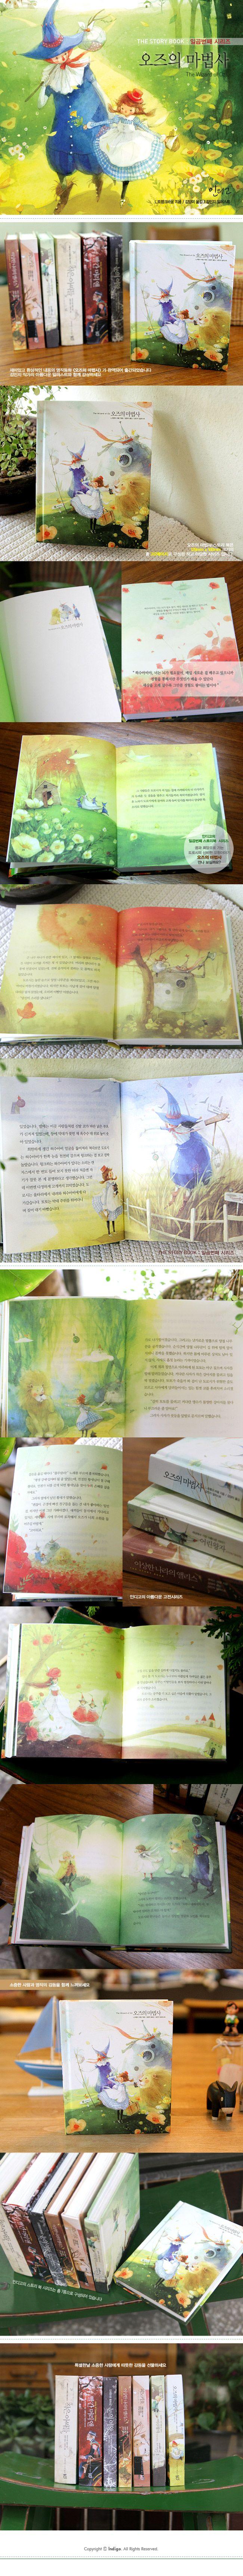 오즈의 마법사-아름다운 고전시리즈7 바보사랑 디자인소품 쇼핑몰,인디고 오즈의마법사 아름다운고전시리즈 고전시리즈 인디고스토리 동화책 그림책 김민지 도로시 선물, 도서,디자인도서,국내도서,명작, 오즈의 마법사-아름다운 고전시리즈7,인디고